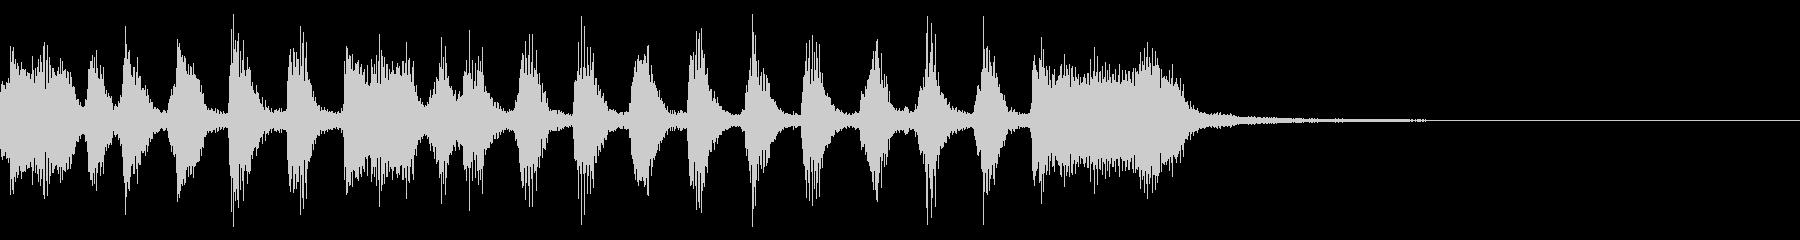 【ジングル】トランペットのファンファーレの未再生の波形